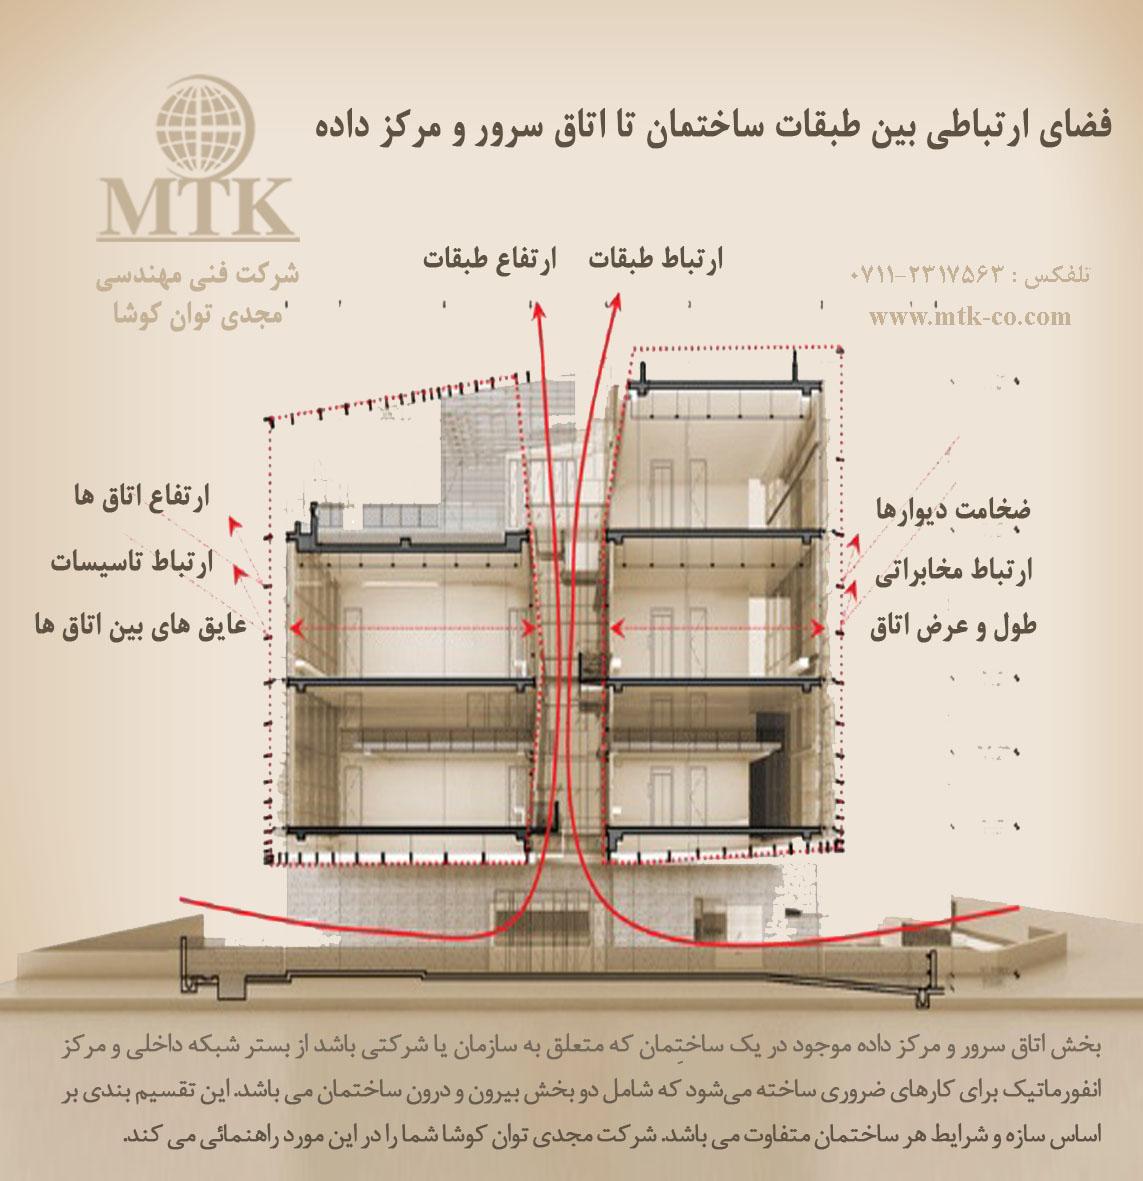 شرکت فنی مهندسی مجدی توان کوشا (MTK) - ارائه خدمات شبکه و مرکز ...اين تقسیم بندي بر اساس سازه و شرايط هر ساختمان متفاوت مي باشد. شرکت مجدي توان کوشا شما را در اين مورد راهنمائي مي کند.